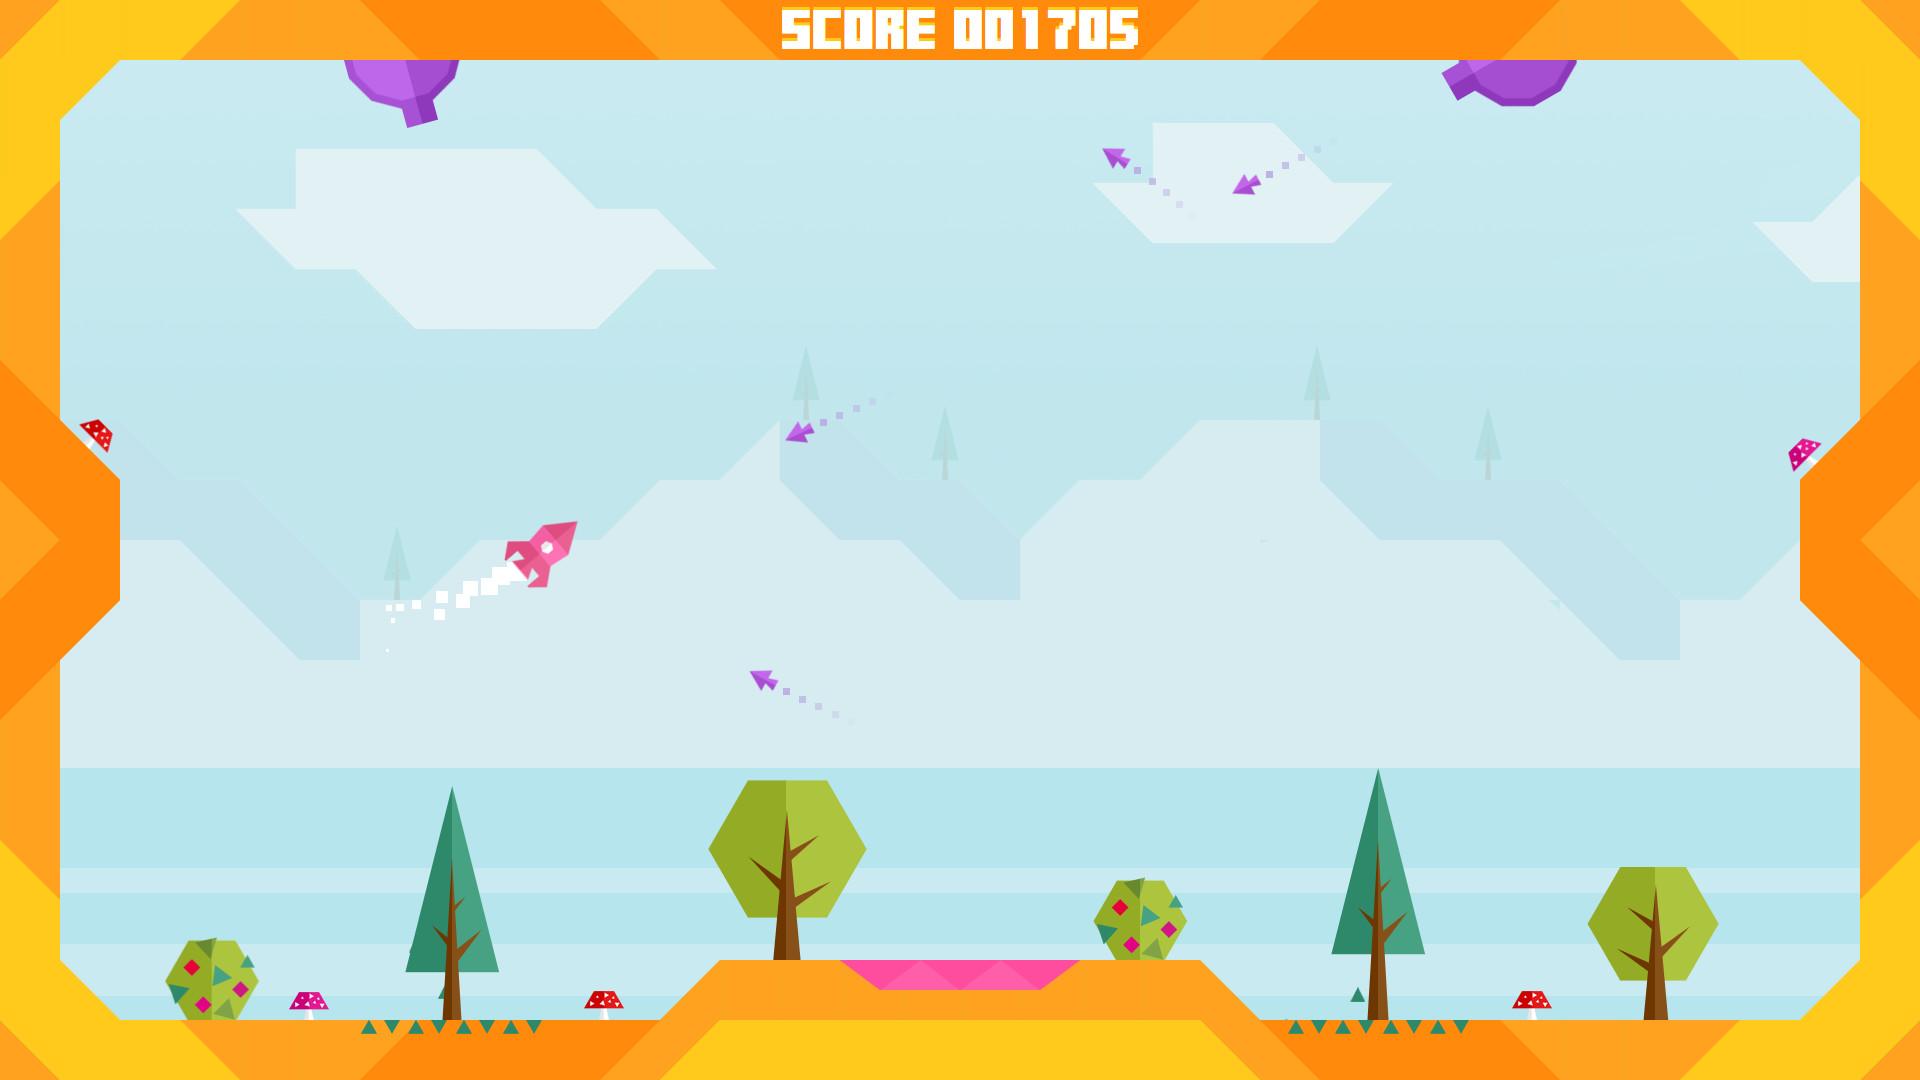 Land it Rocket screenshot